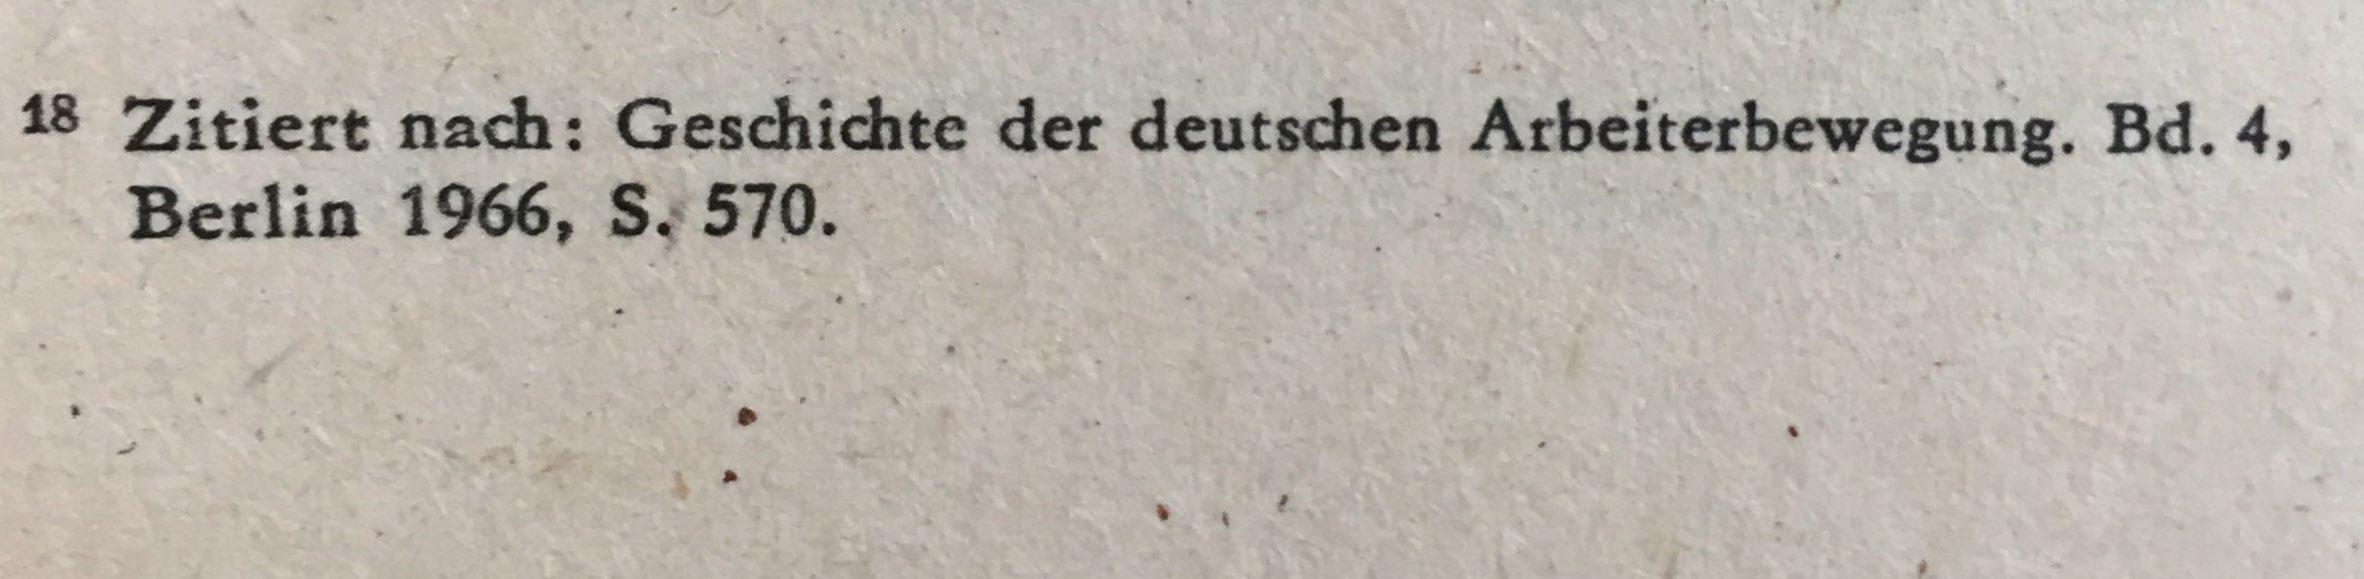 Quellenangabe Aufruf ZK KPD 1932